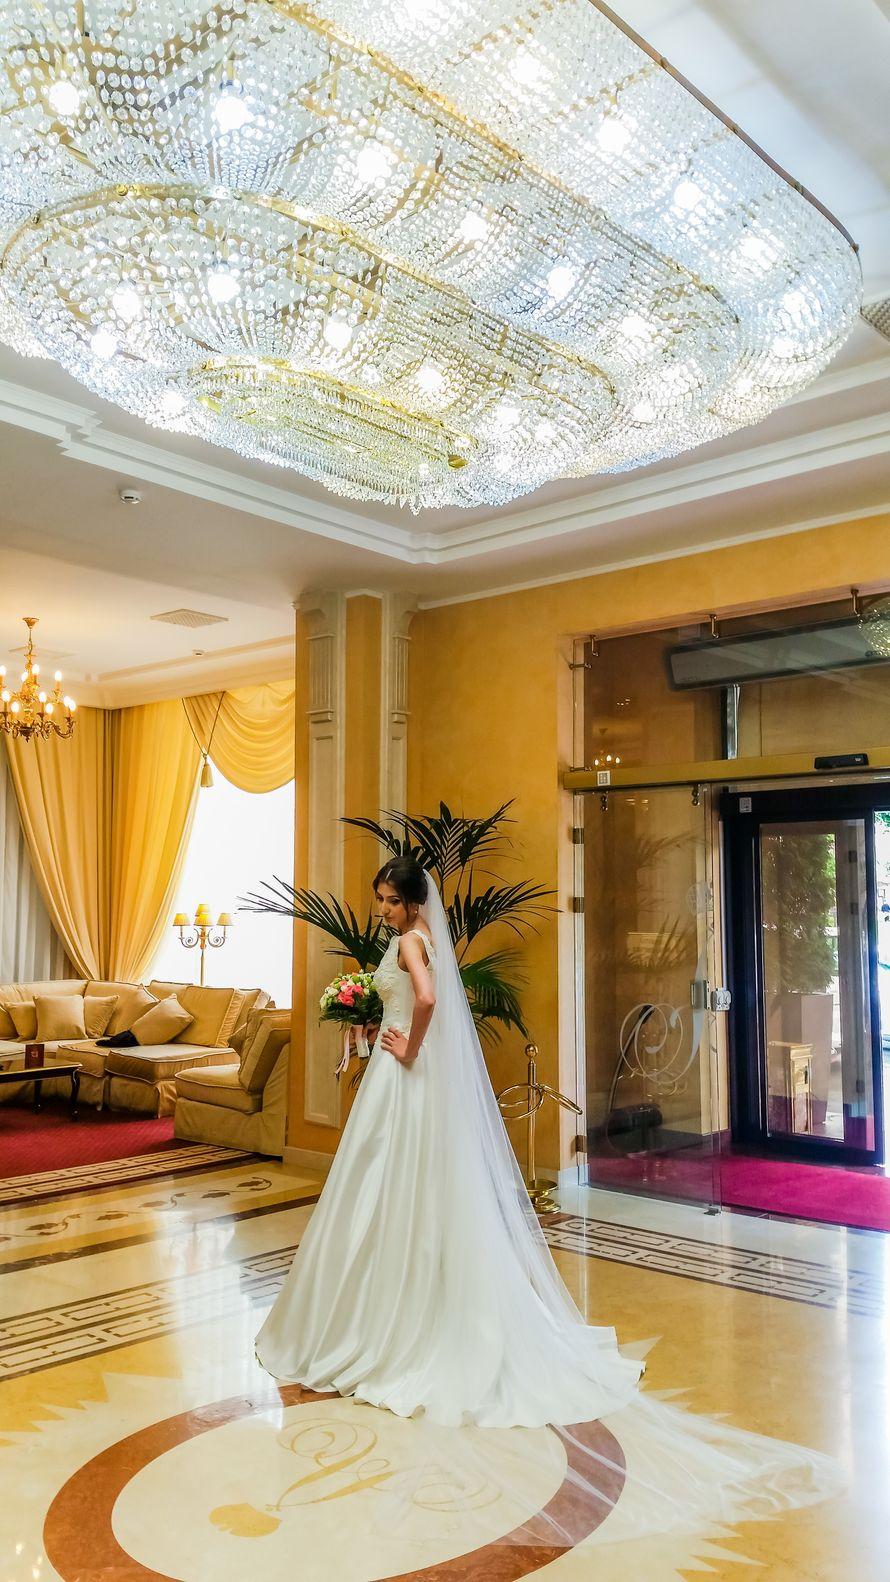 Фото 11299348 в коллекции WEDDING - Фотограф Алим Кажаров